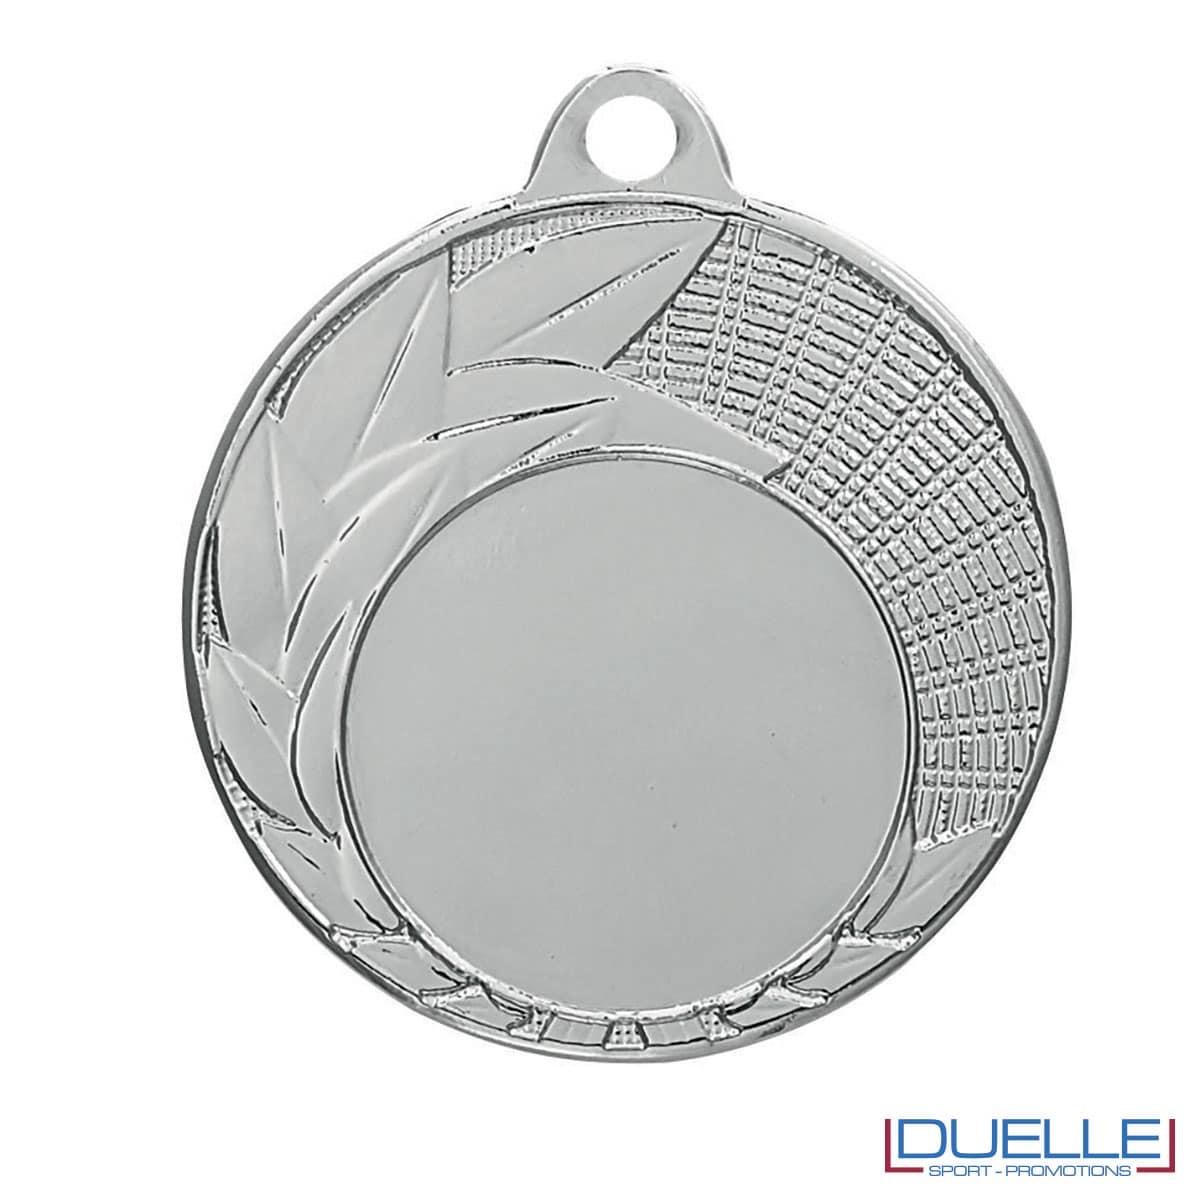 Medaglia color argento con foglie decorate 40 mm